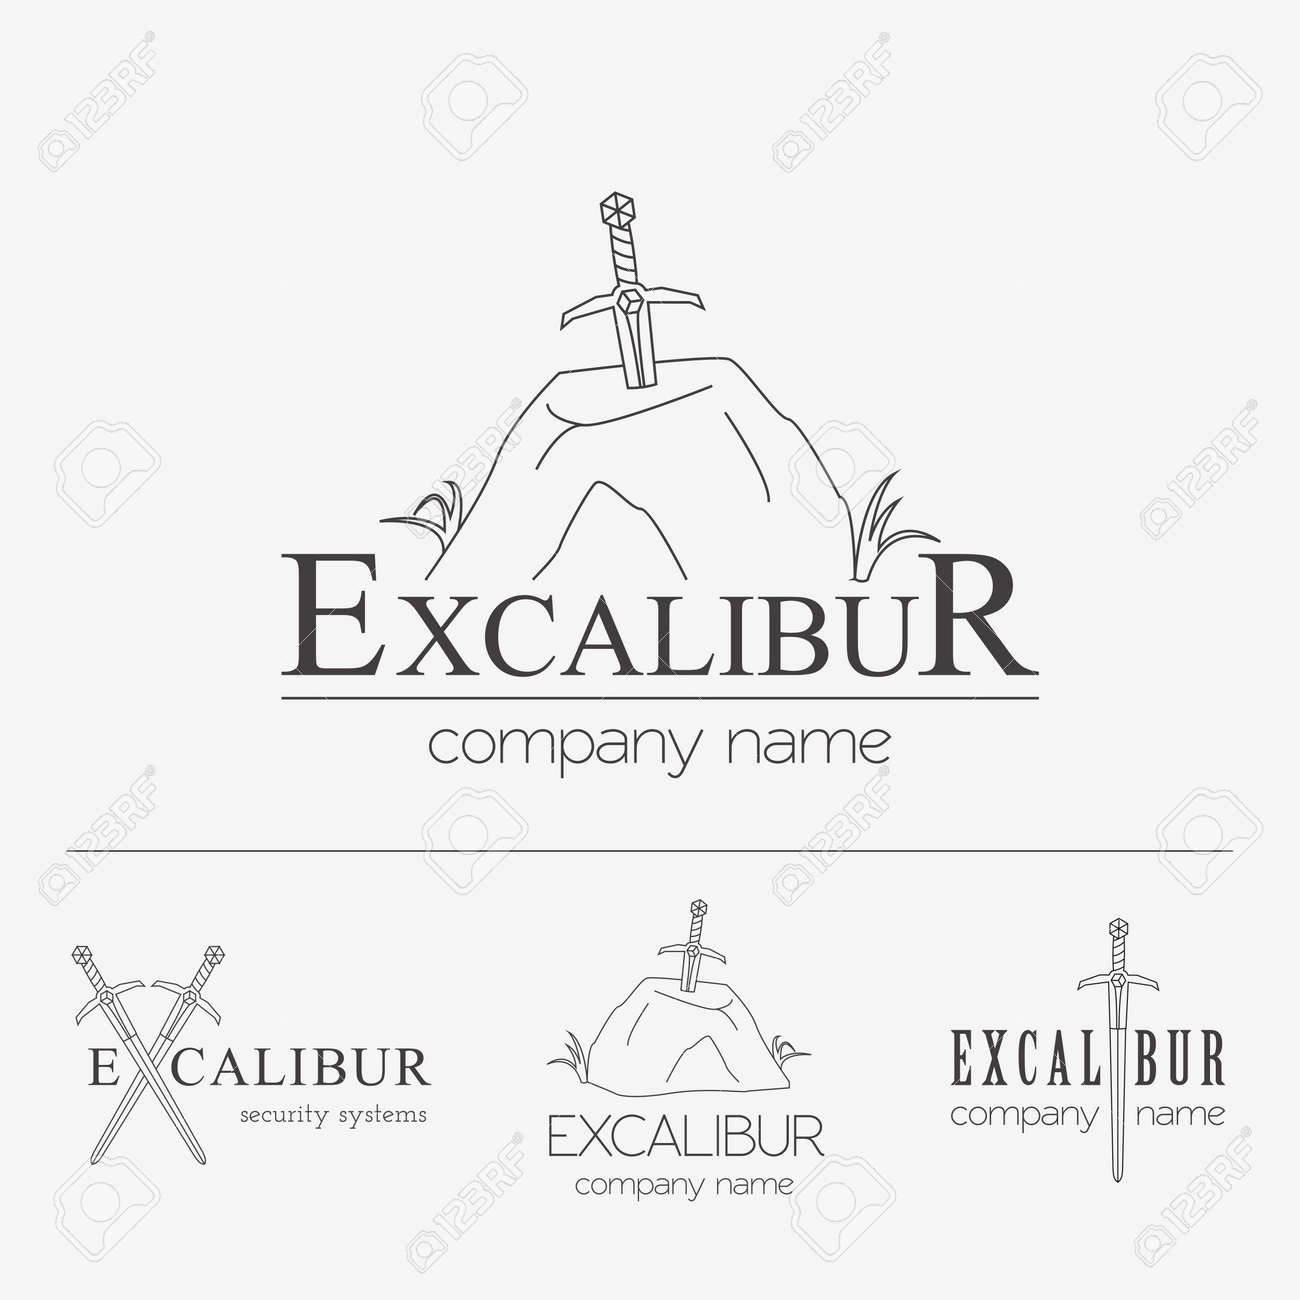 Excalibur Umreißen Insignias Und Firmenzeichen Gesetzt. Vector ...